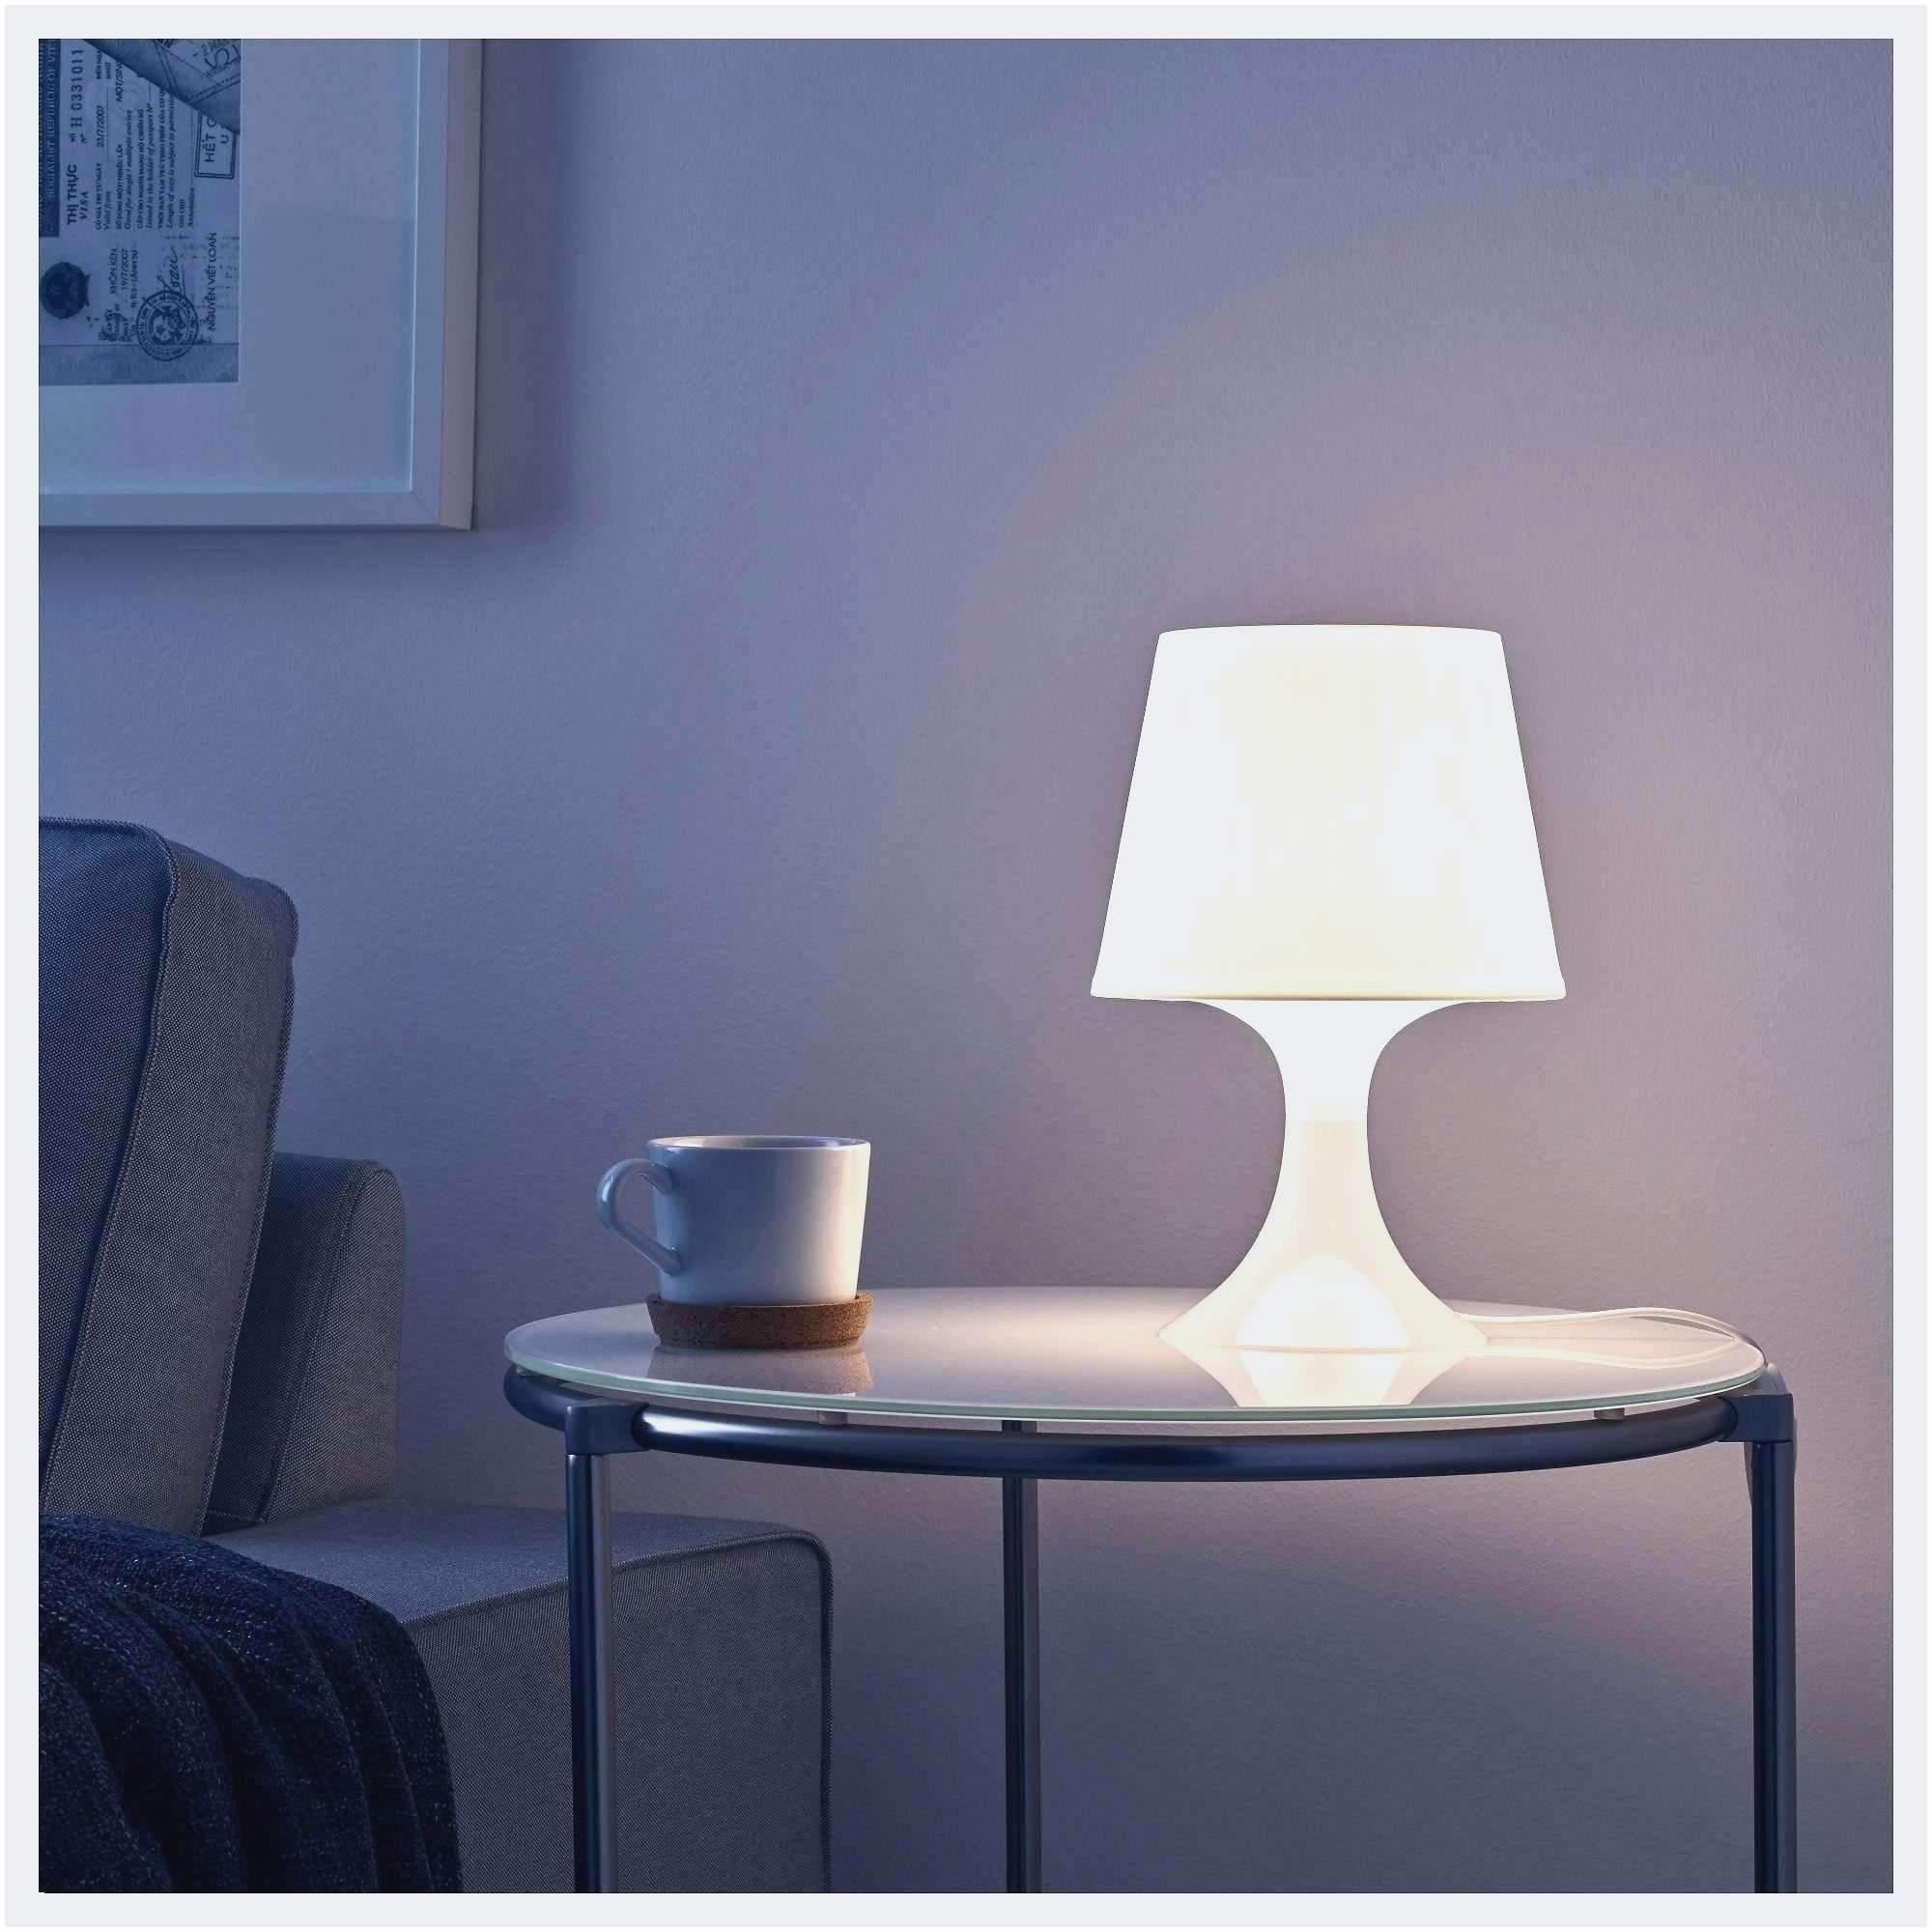 Full Size of Ikea Bogenlampe Stehlampe Papier Kaufen Steh Regolit Hack Bogenlampen Anleitung Wireless Charging Accessories 2020 04 15 Küche Kosten Sofa Mit Schlaffunktion Wohnzimmer Ikea Bogenlampe